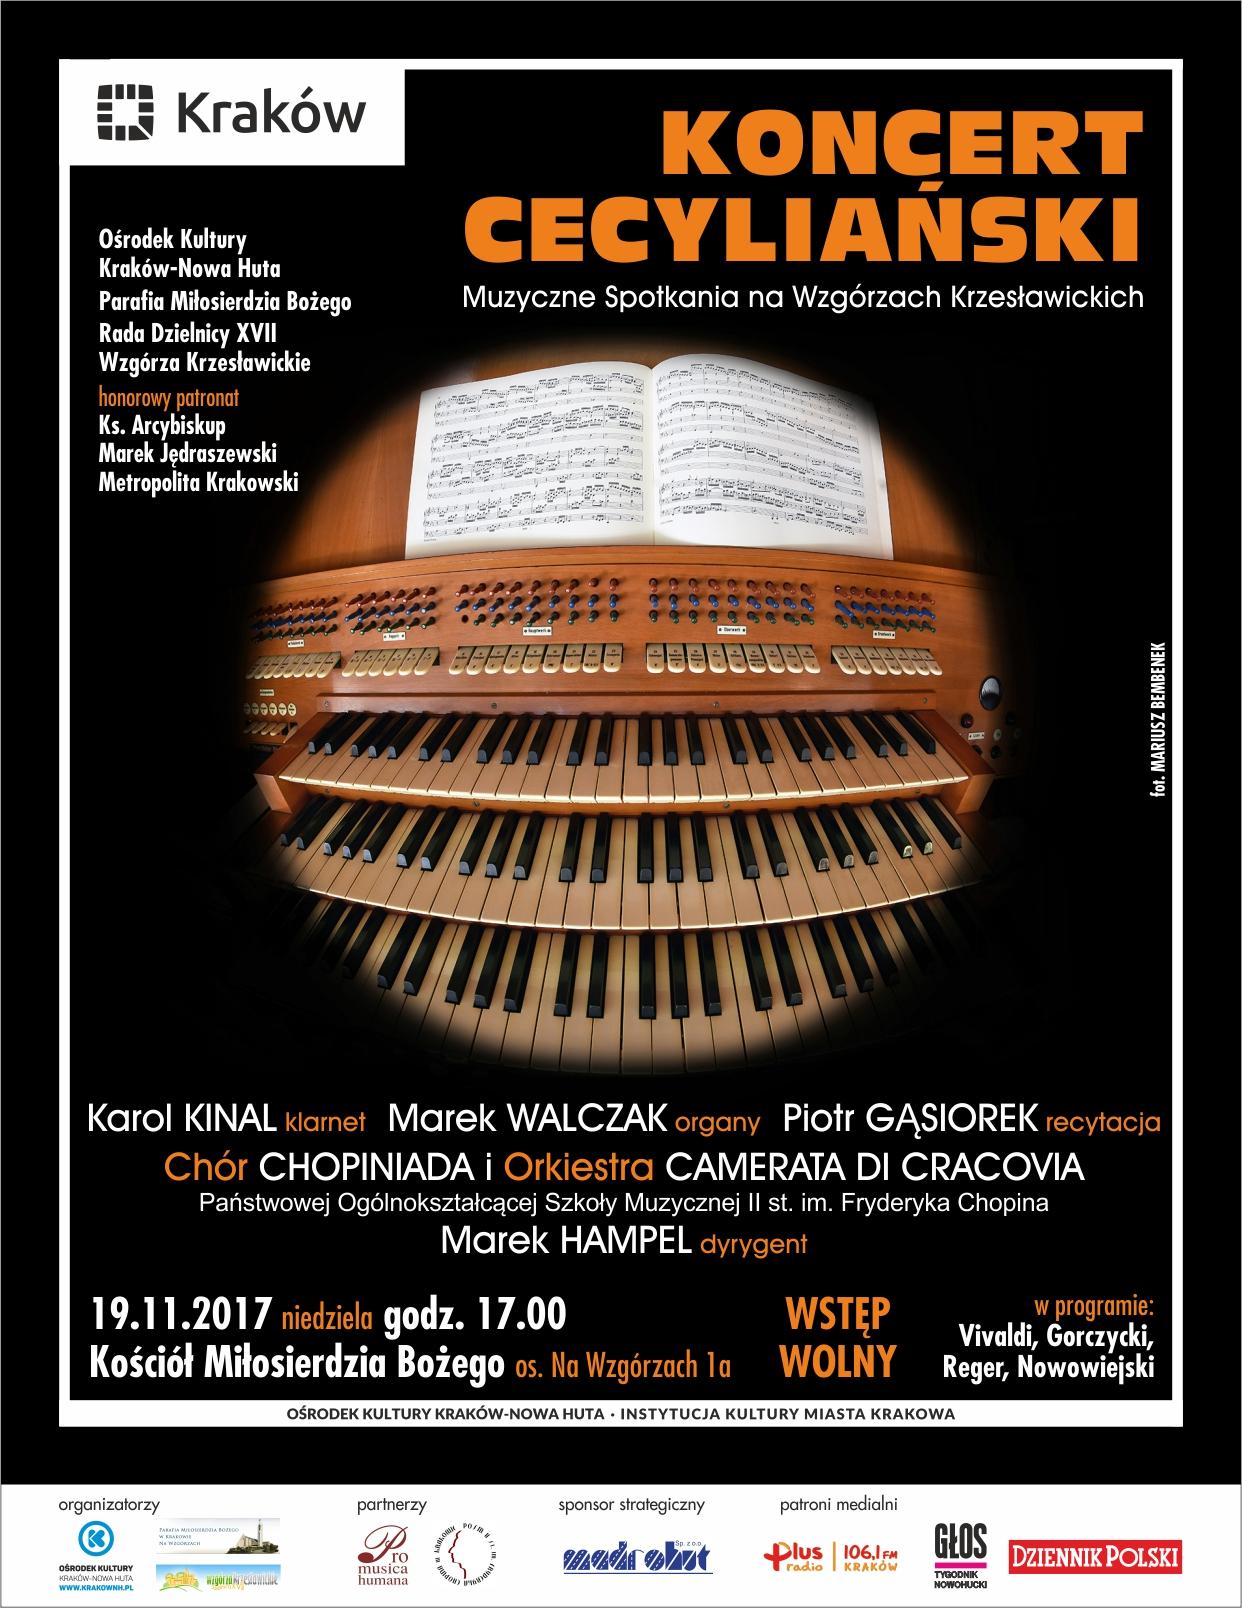 Muzyczne Spotkania na Wzgórzach Krzesławickich – Koncert Cecyliański